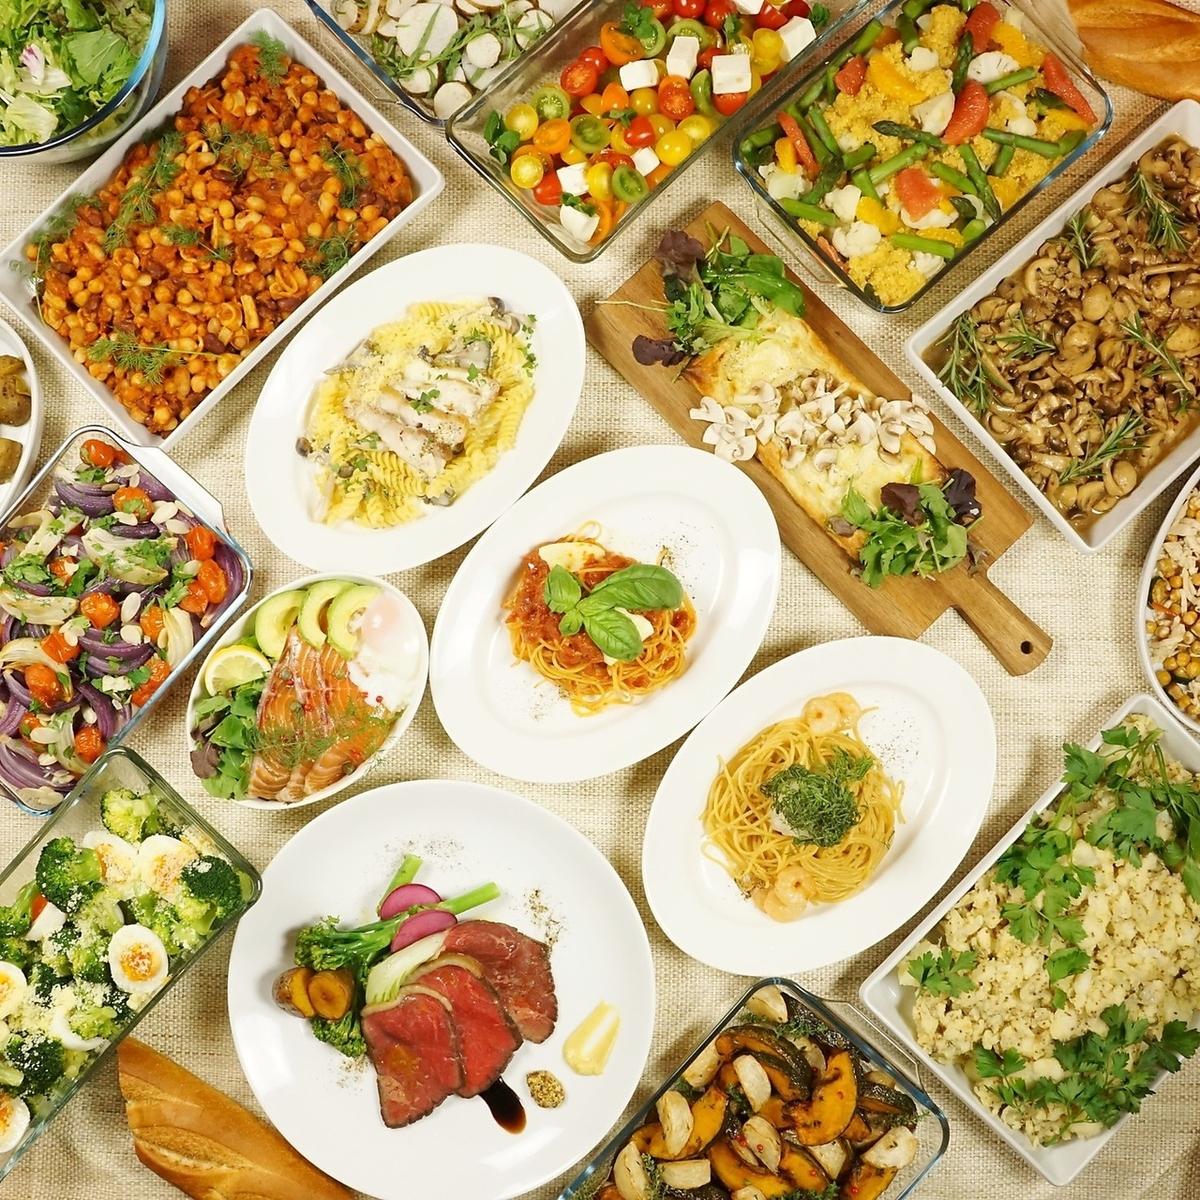 【ランチパーティプラン】サラダバー・惣菜ブュッフェ・120分飲み放題付き!特製パスタとメインを楽しむ